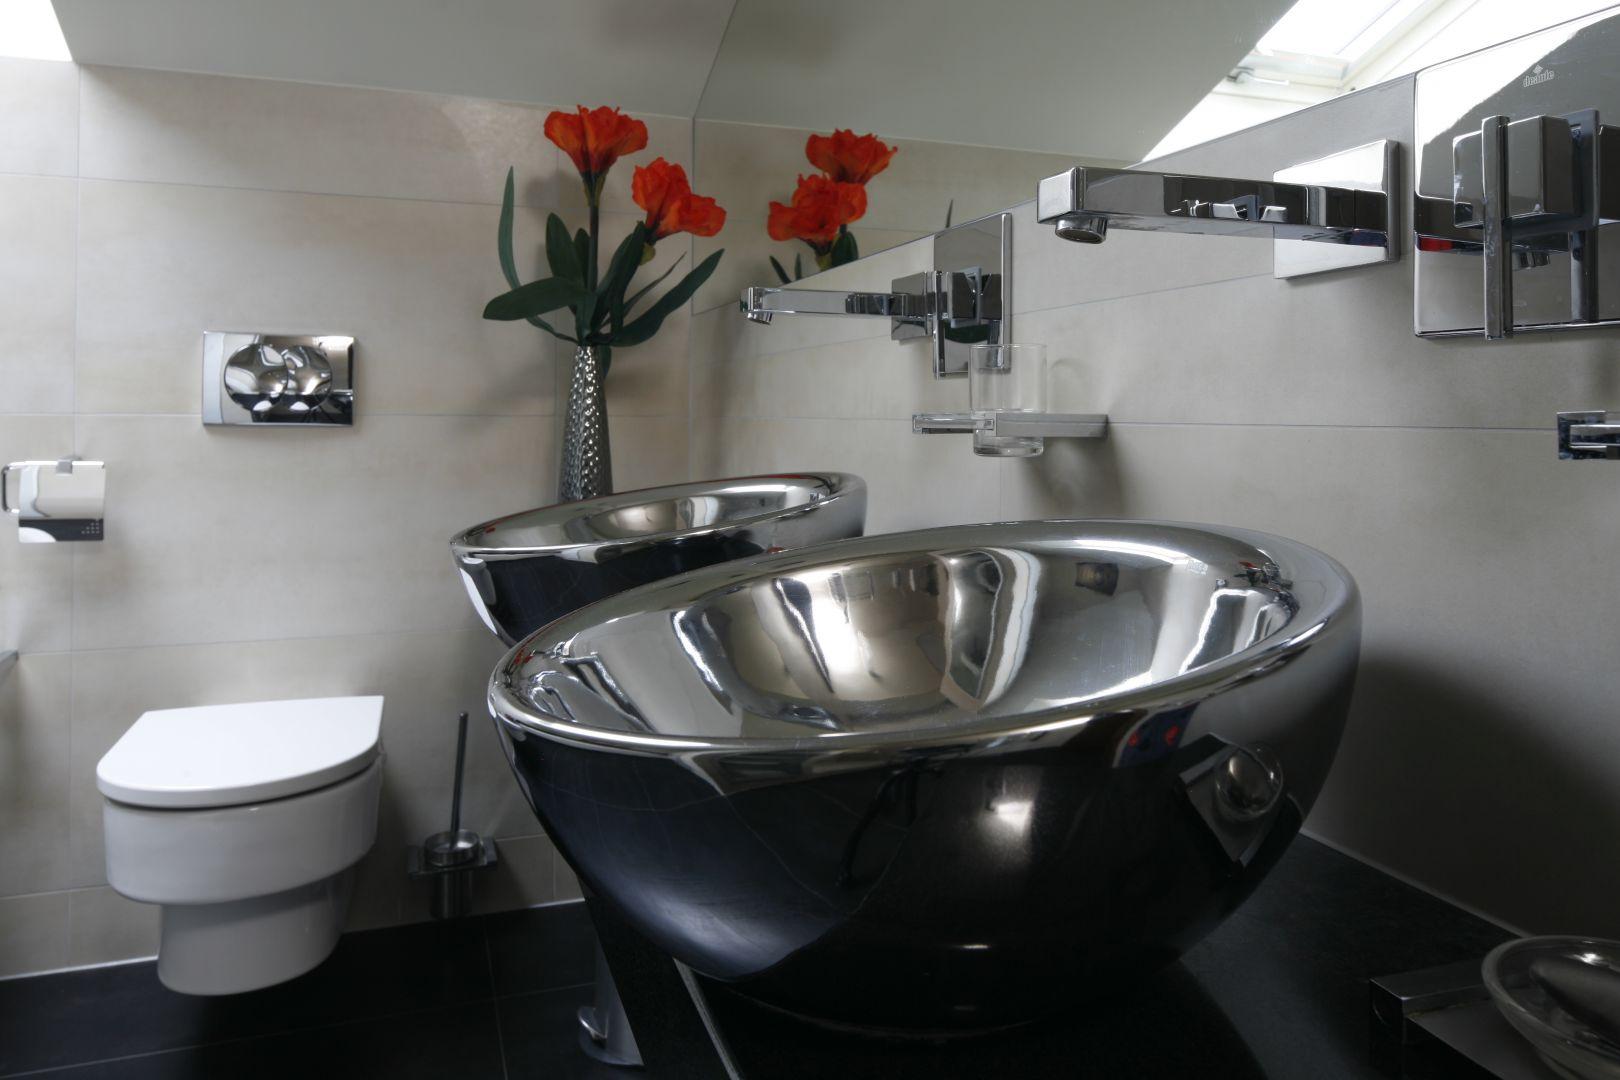 Misy umywalek mają wyjątkowy kształt i wykończenie powierzchni. Dobrano do nich baterie podtynkowe. Fot. Bartosz Jarosz